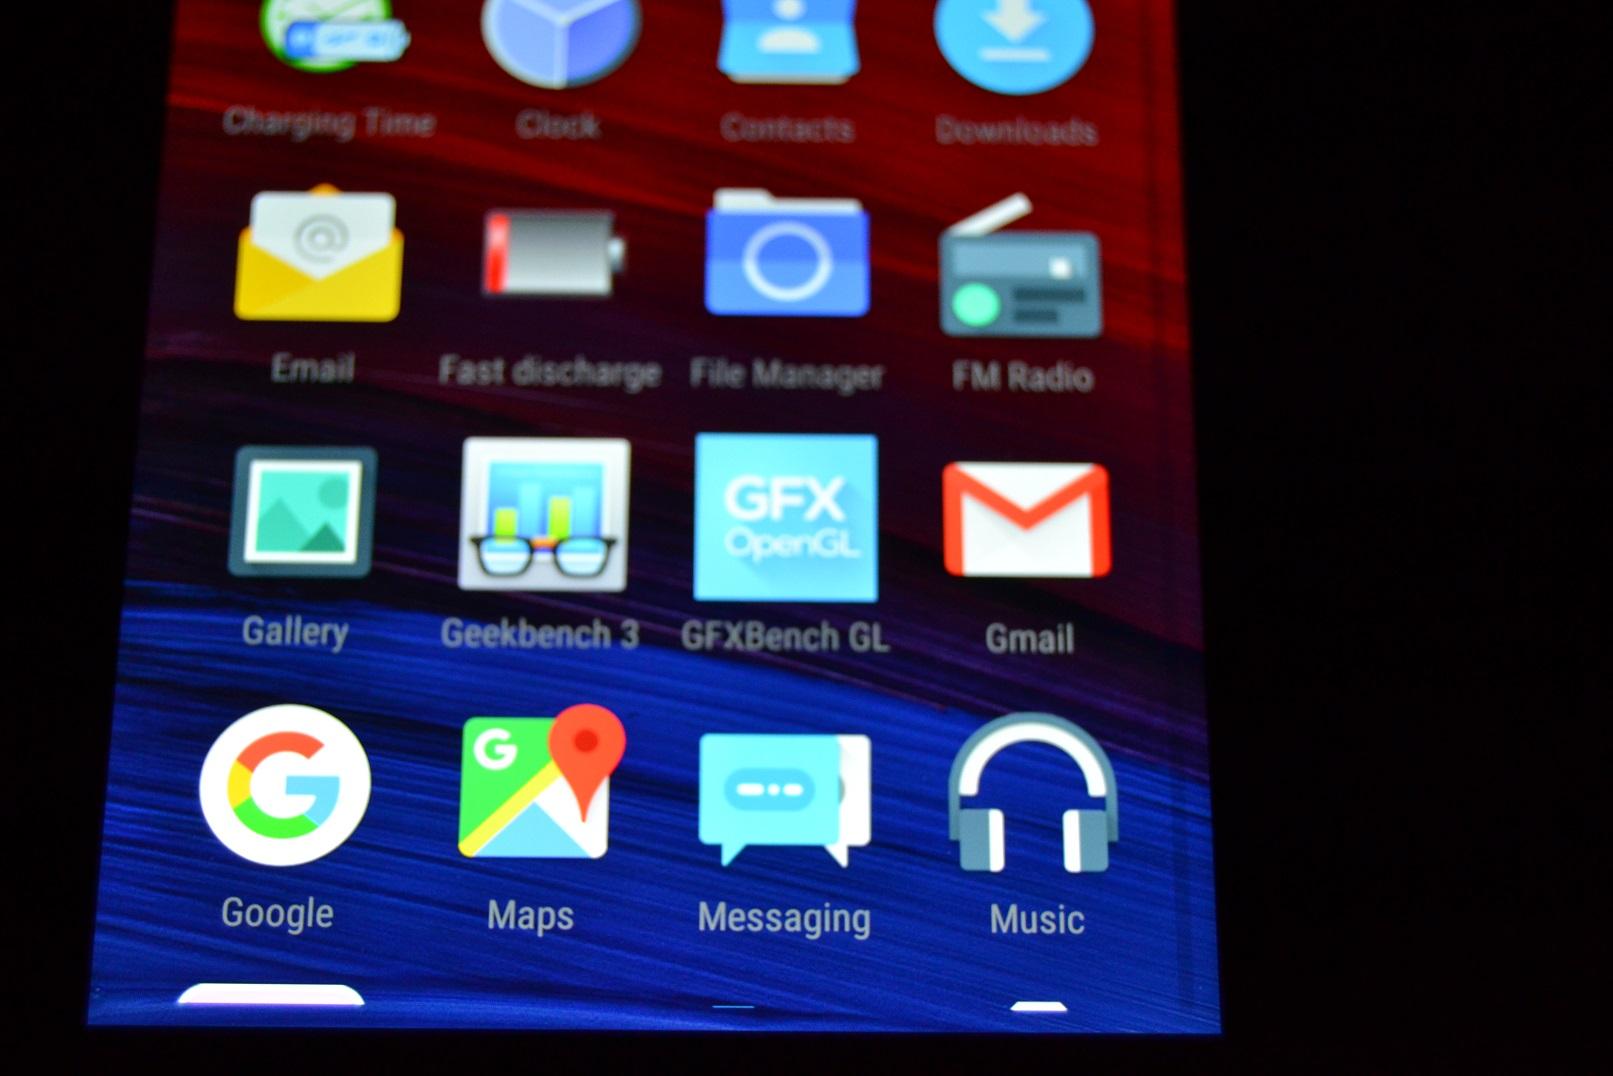 DSC_0446 REVIEW display UMi Touch si comparat cu UMi Super, tot partea de display